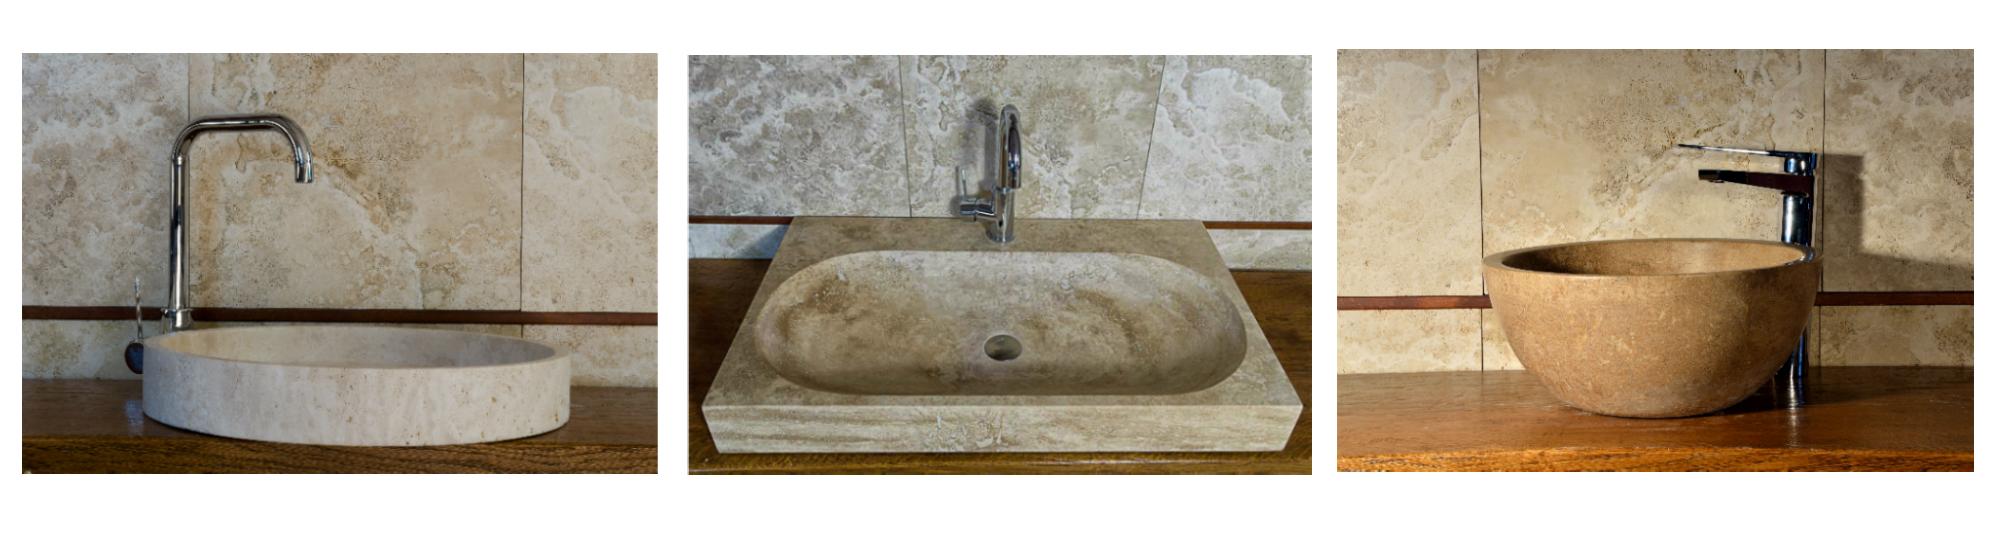 Scegliere il lavabo in marmo per l arredo del bagno - Arredo bagno pietra ...